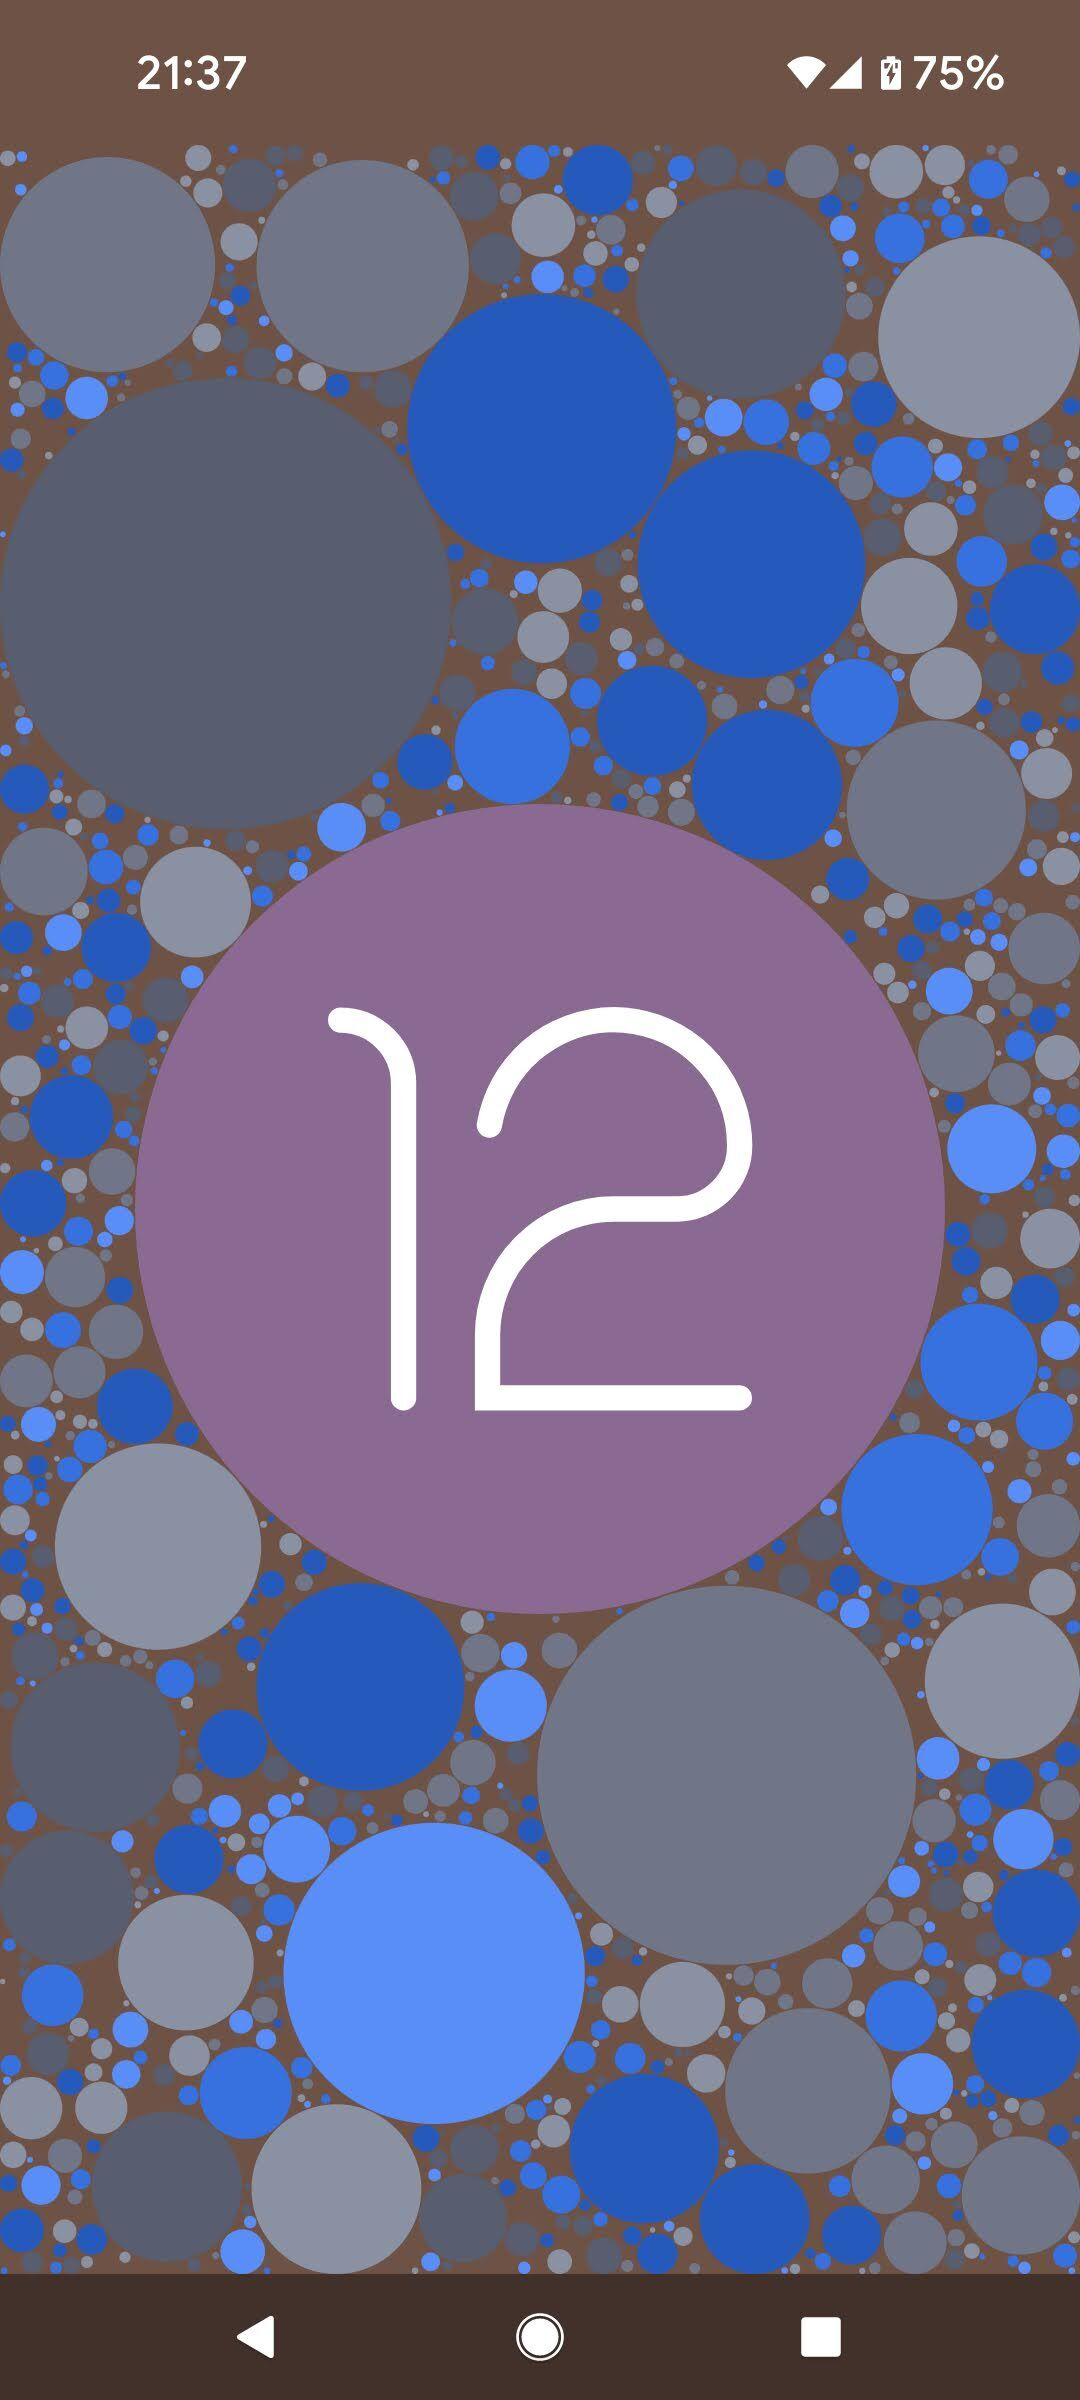 [スクリーンショット]Android12のイースターエッグ